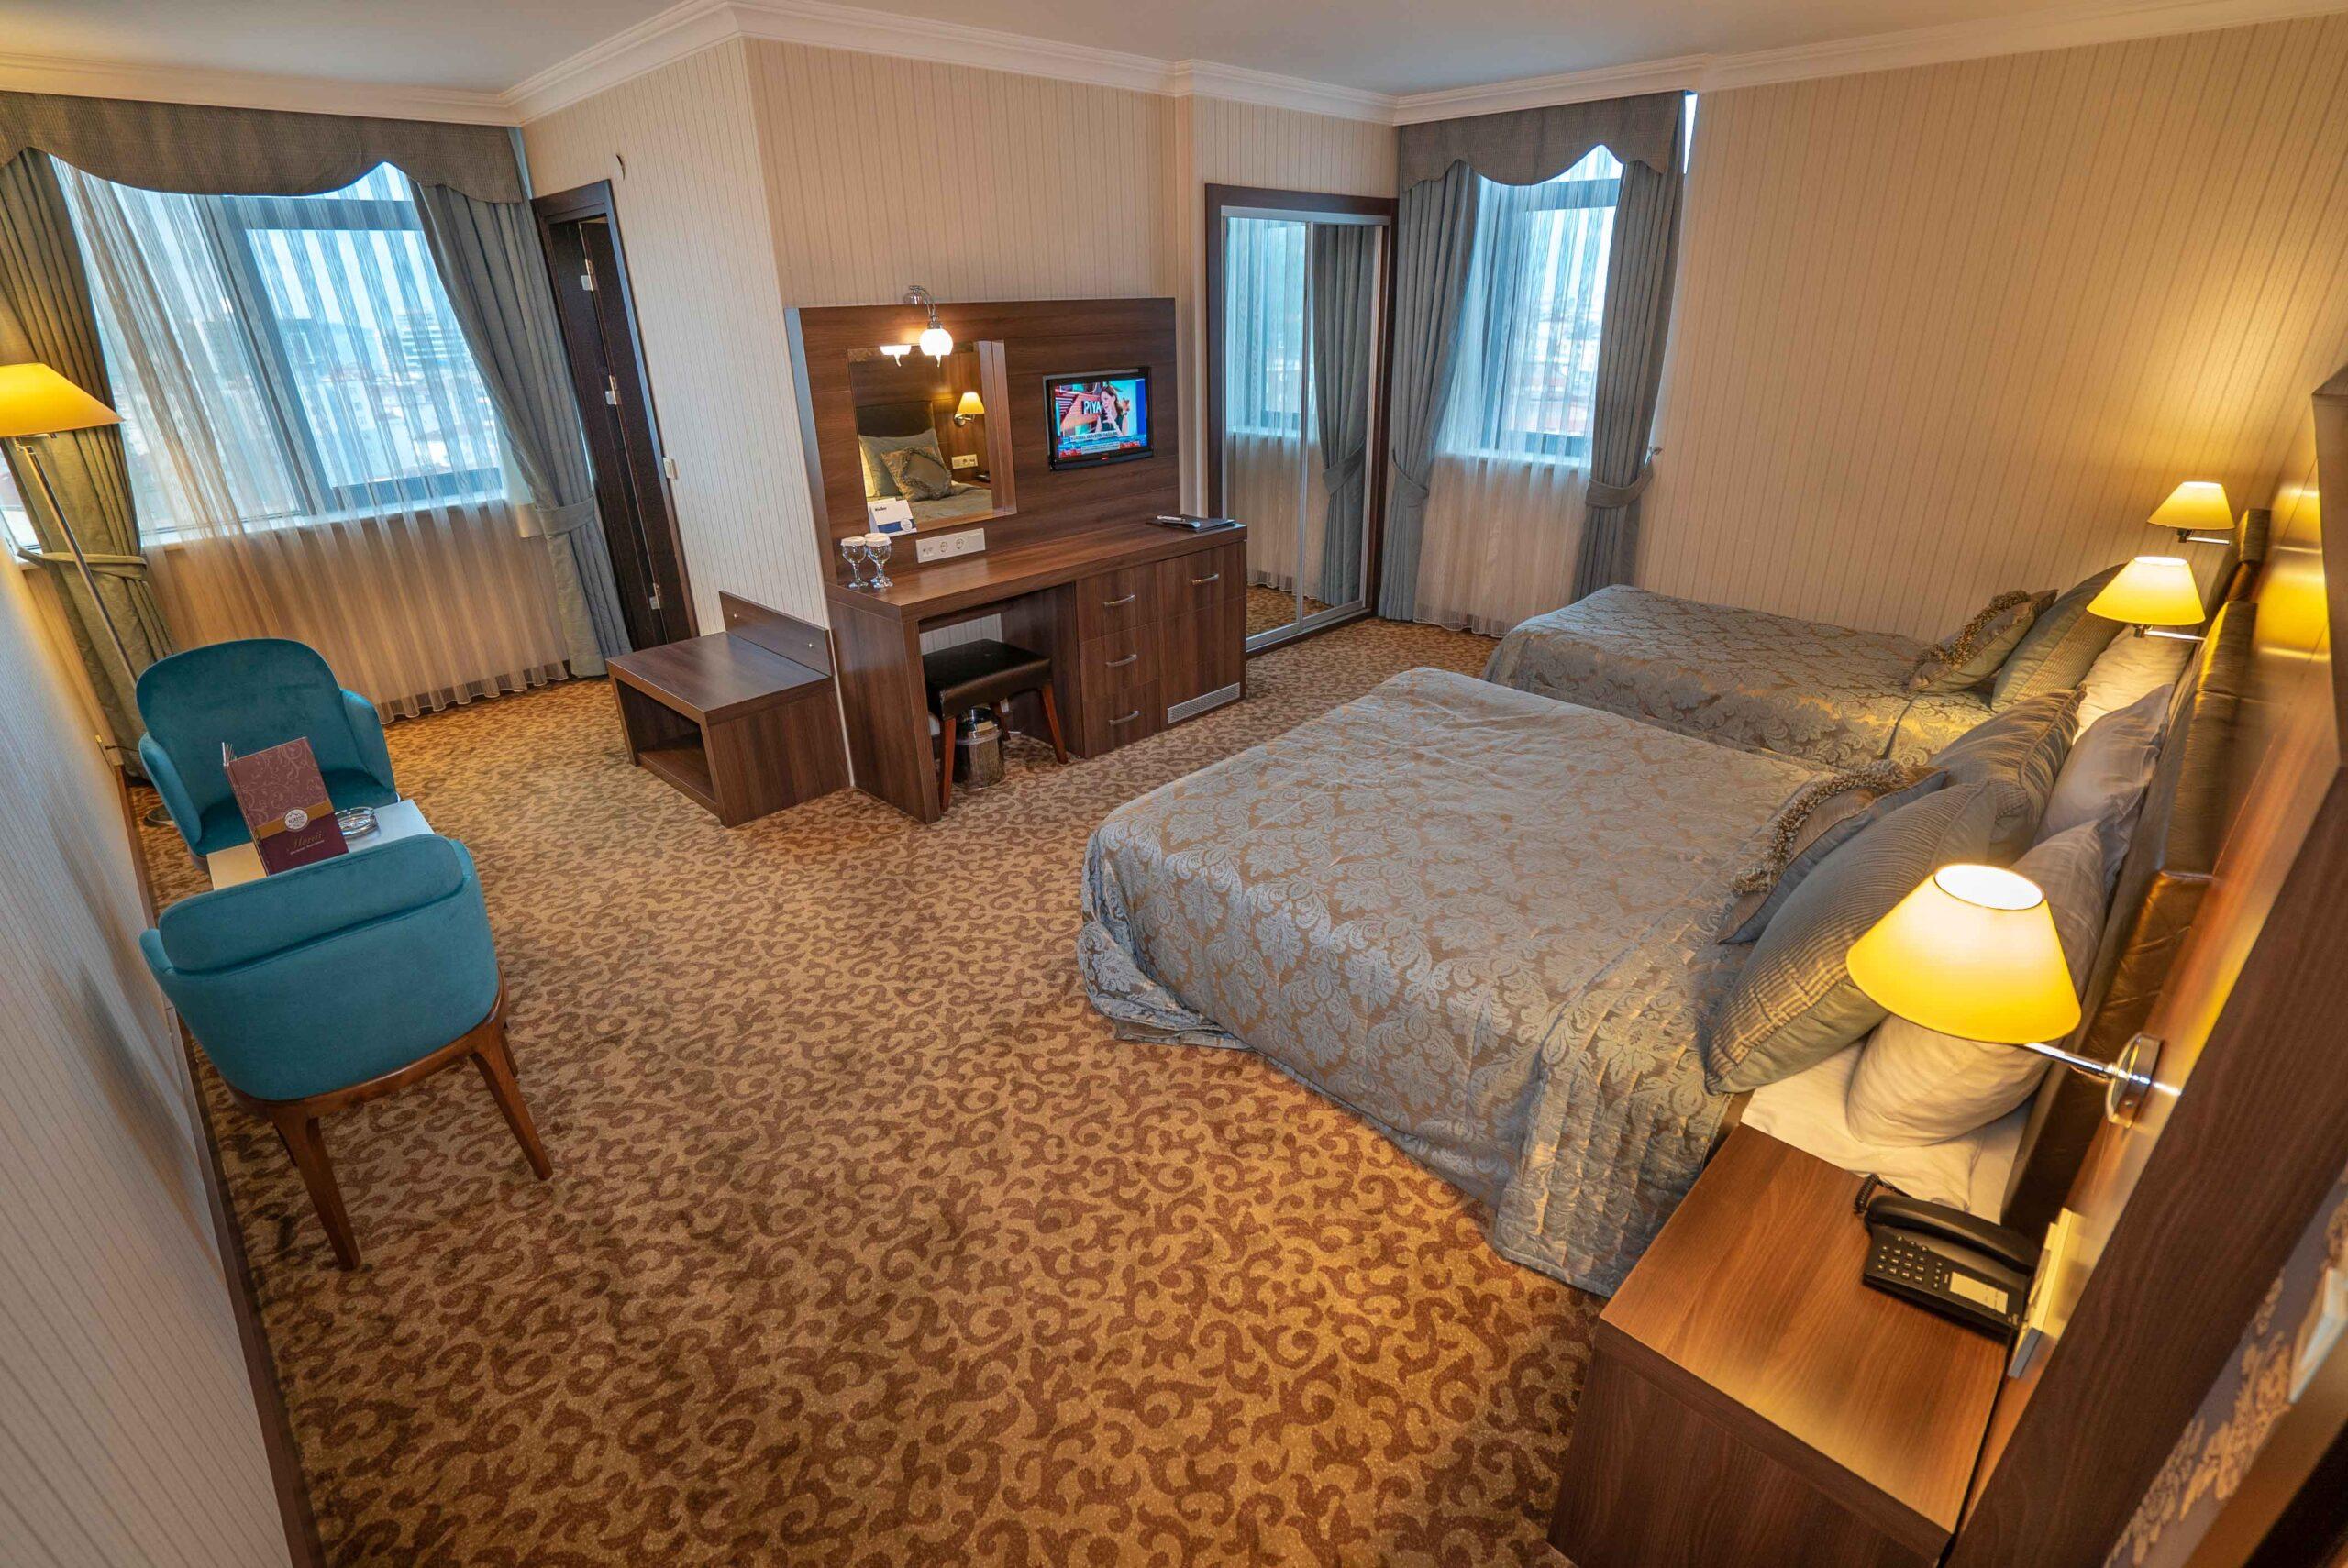 MaCity Hotel ülkemiz turizmine katkıda bulunuyor